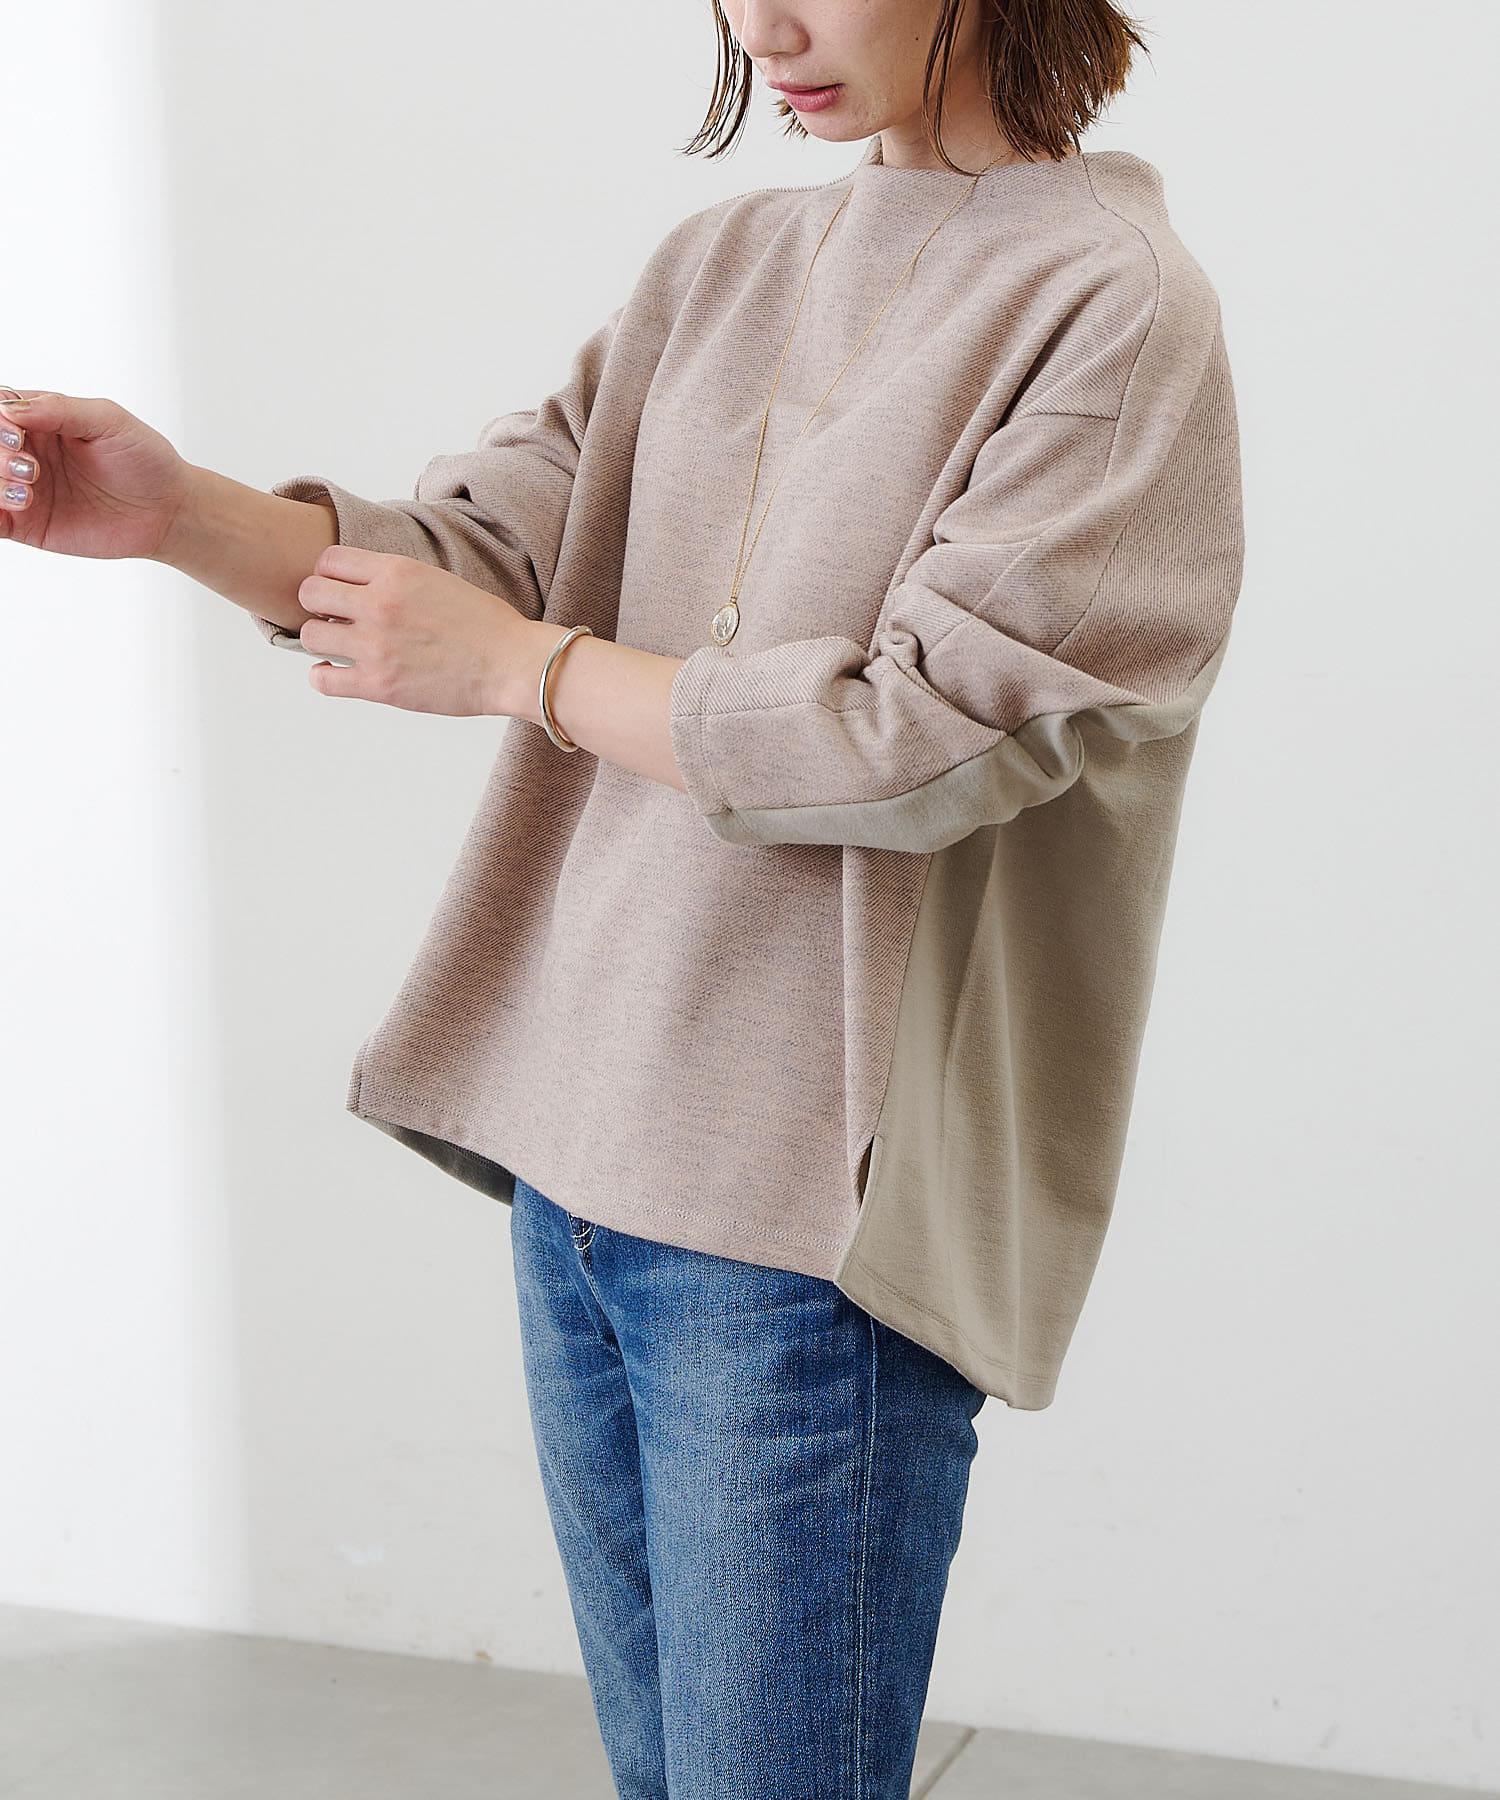 COLLAGE GALLARDAGALANTE(コラージュ ガリャルダガランテ) 【万能トップス】ボトルネックプルオーバー